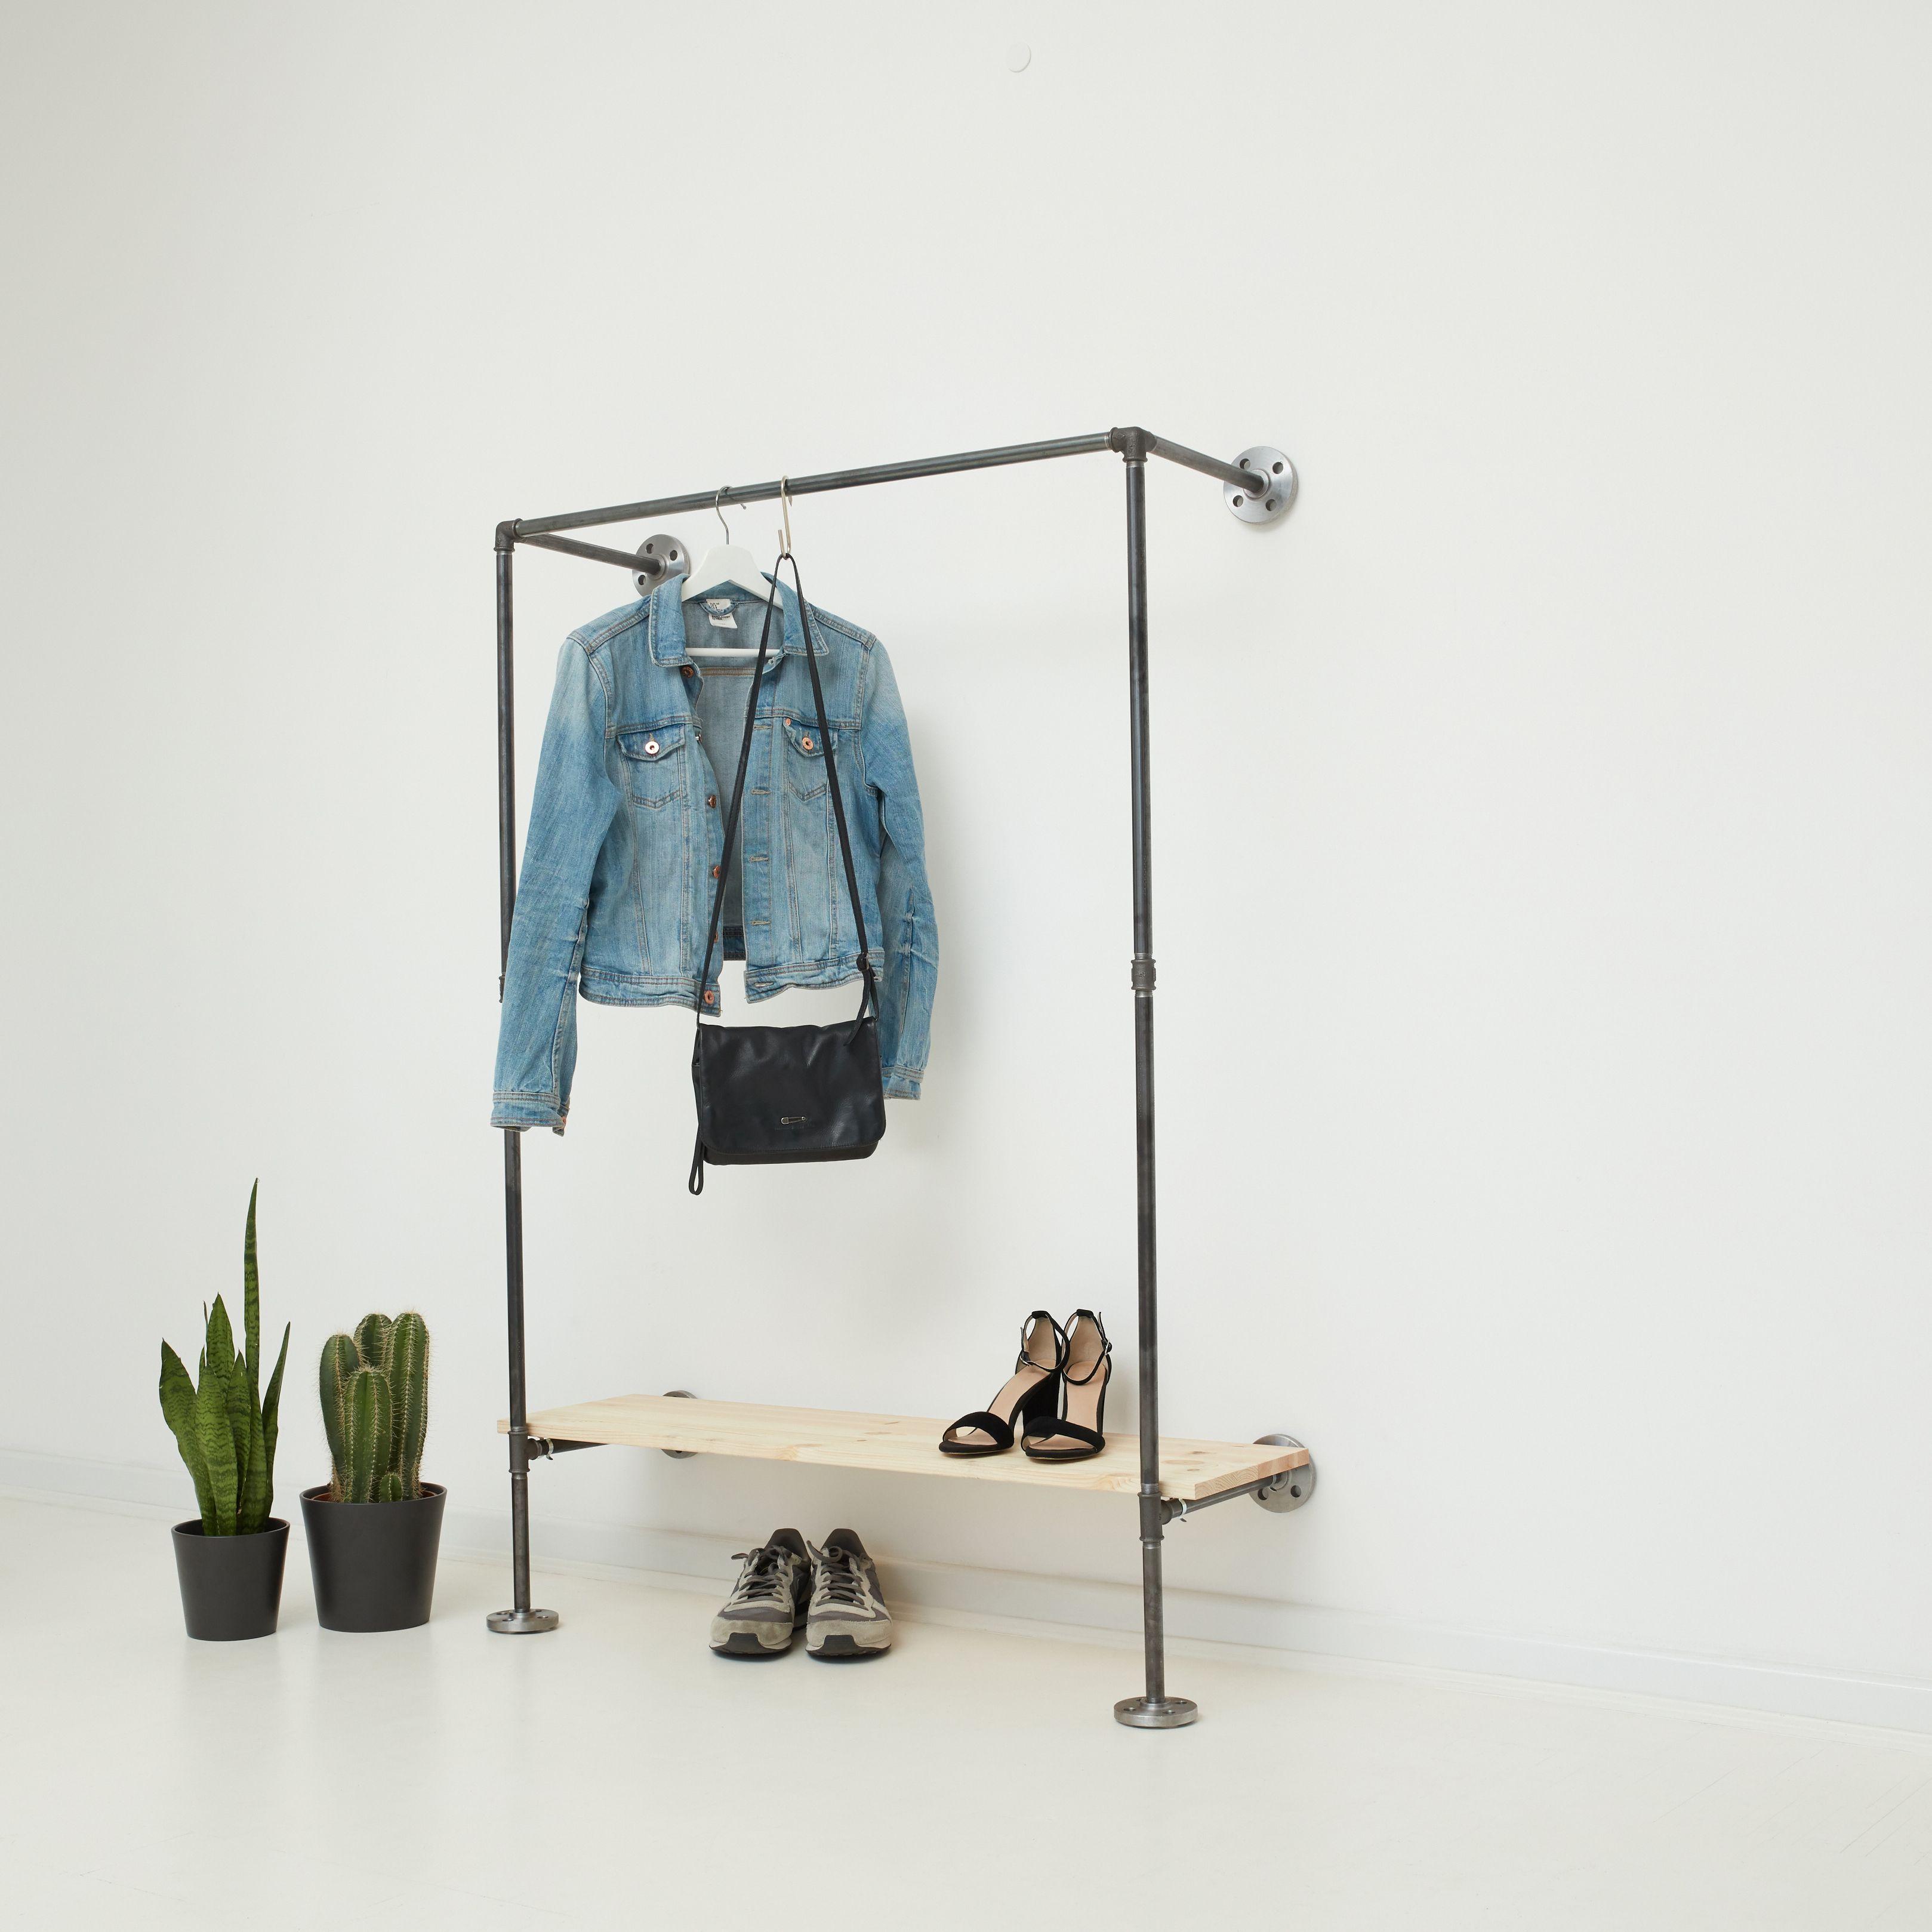 Holzleiter garderobe cool holzleiter haus bauen for Kleinmobel shabby chic